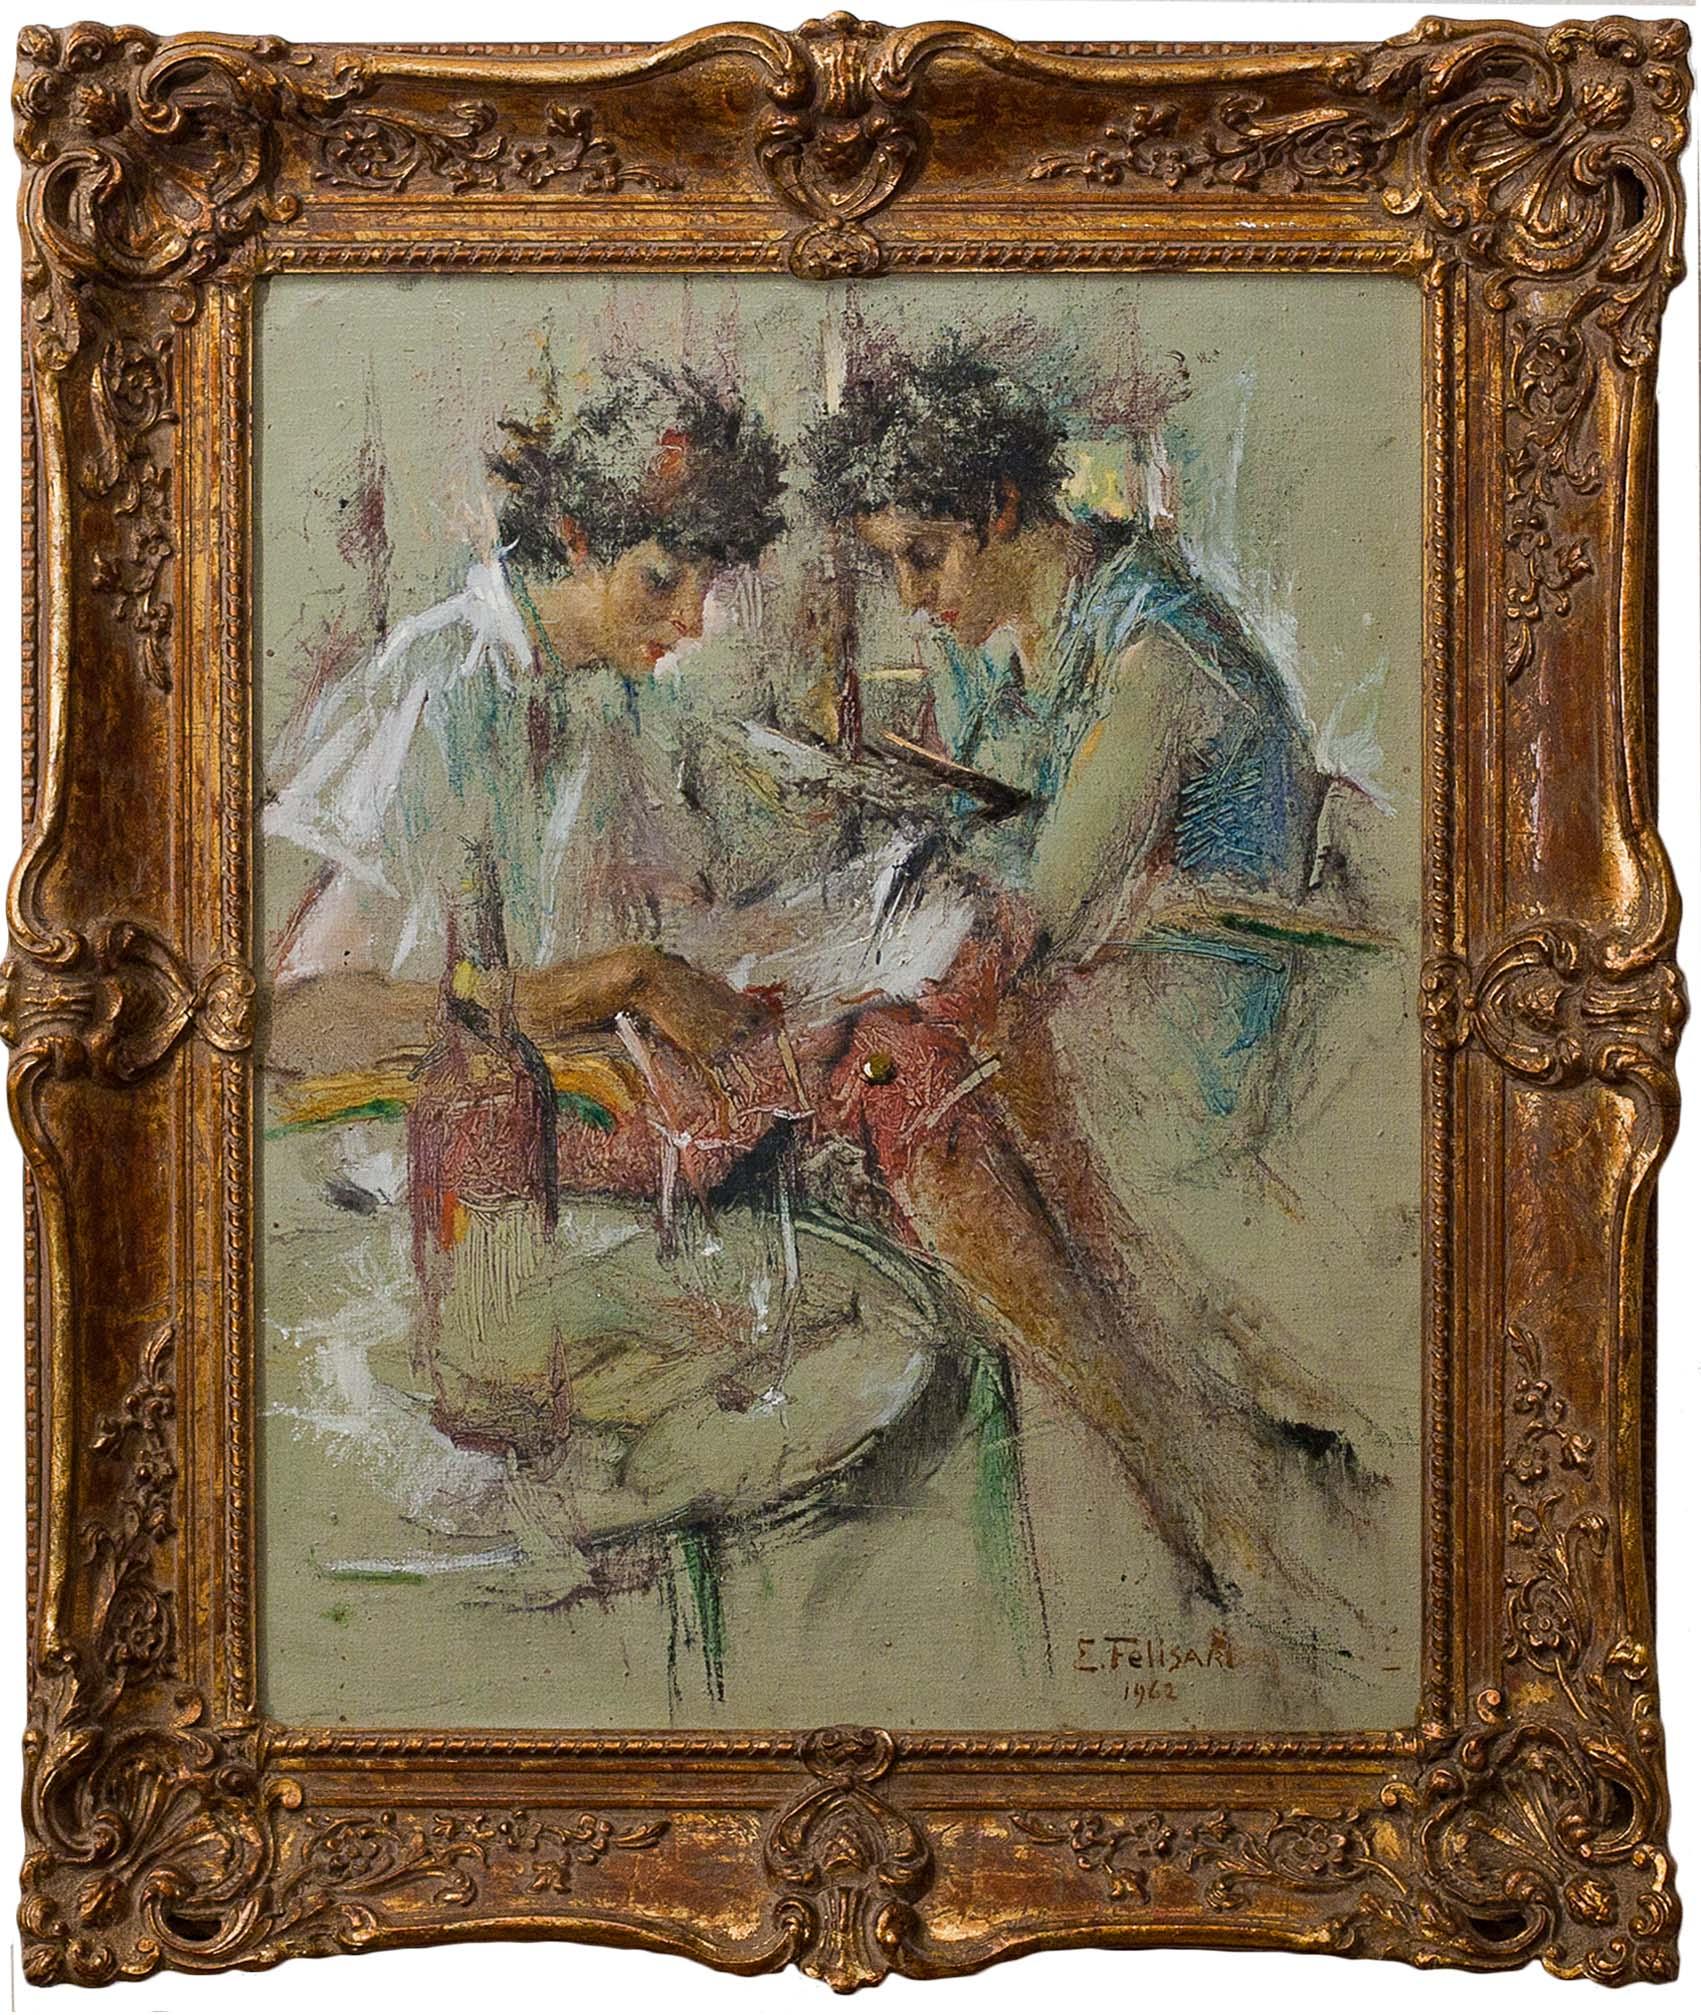 Two Women By Enrico Felisari CLS Fine Art Gallery